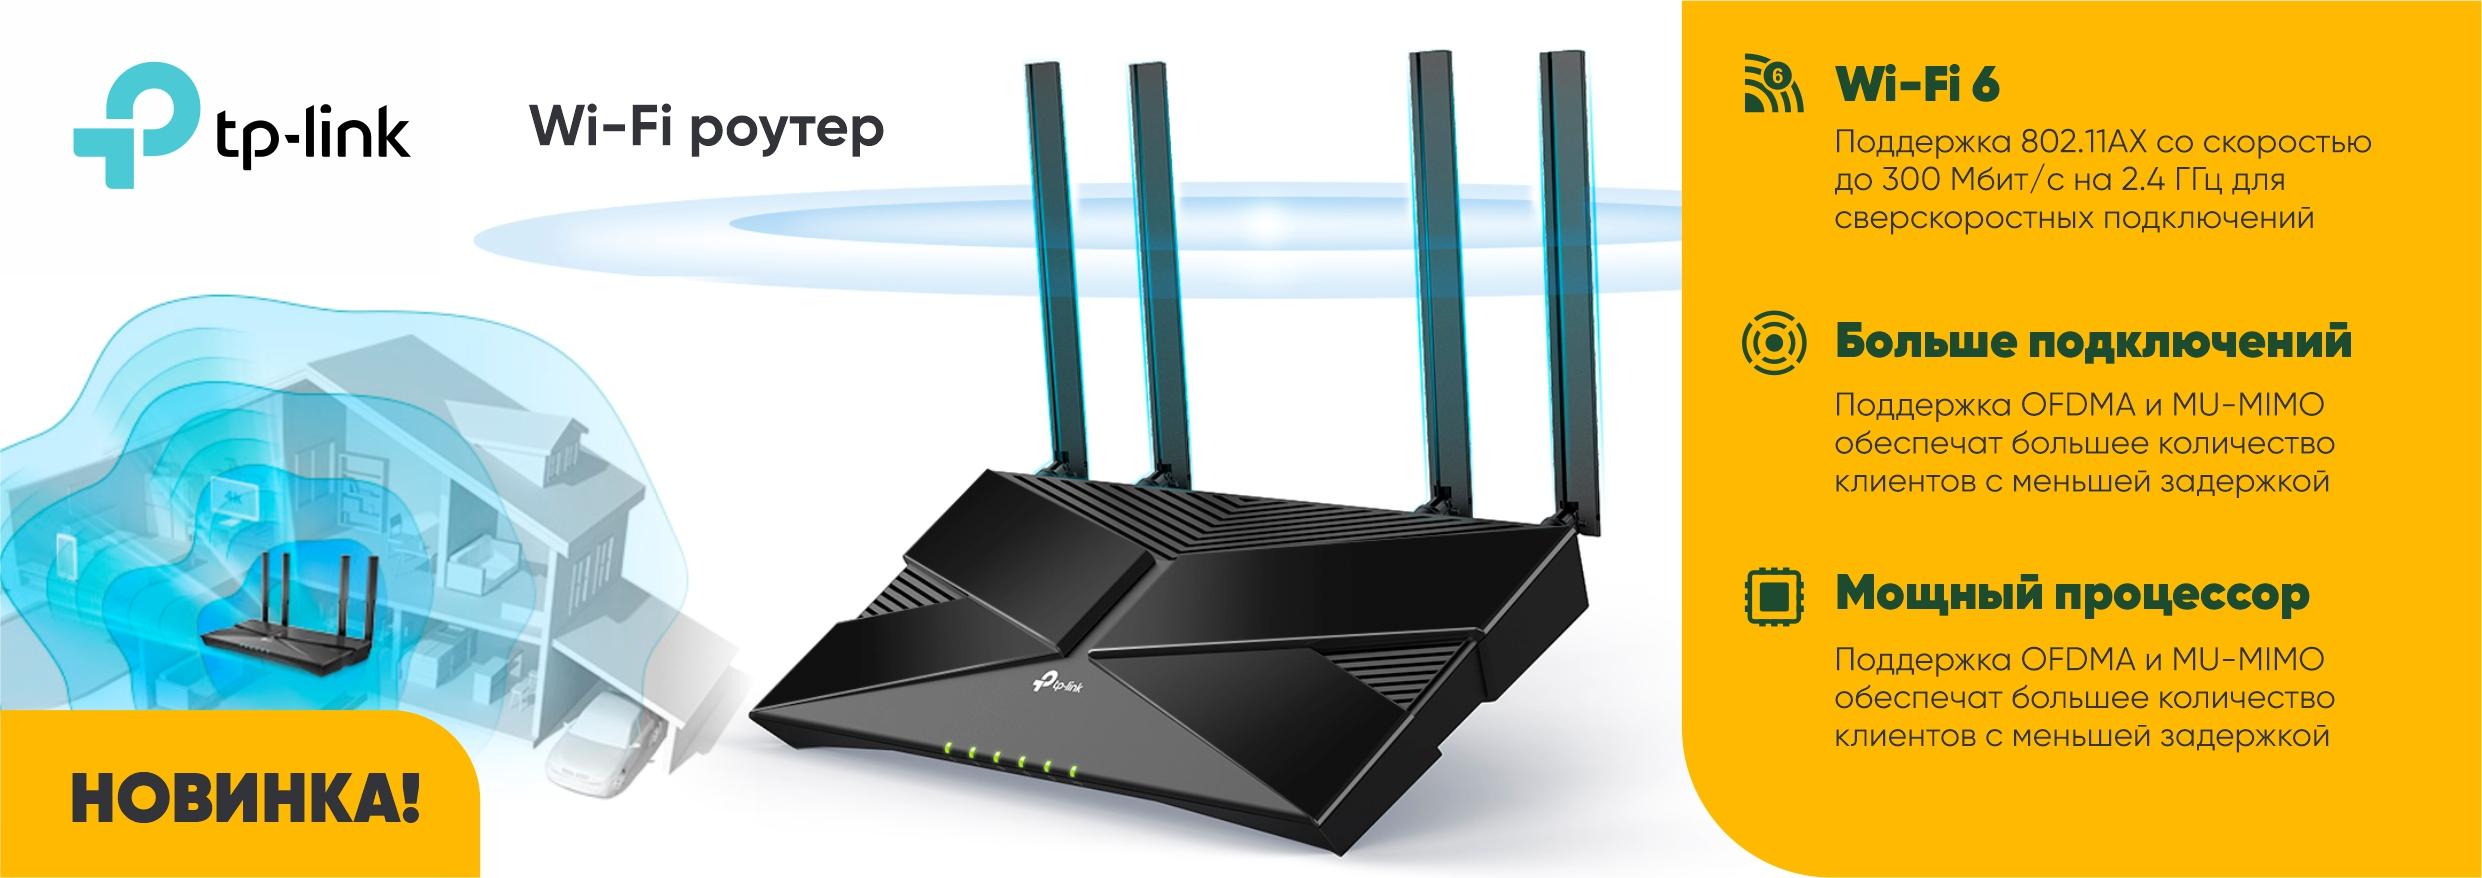 Трёхъядерный процессор и поддержка Wi‑Fi 6 - Archer AX10!